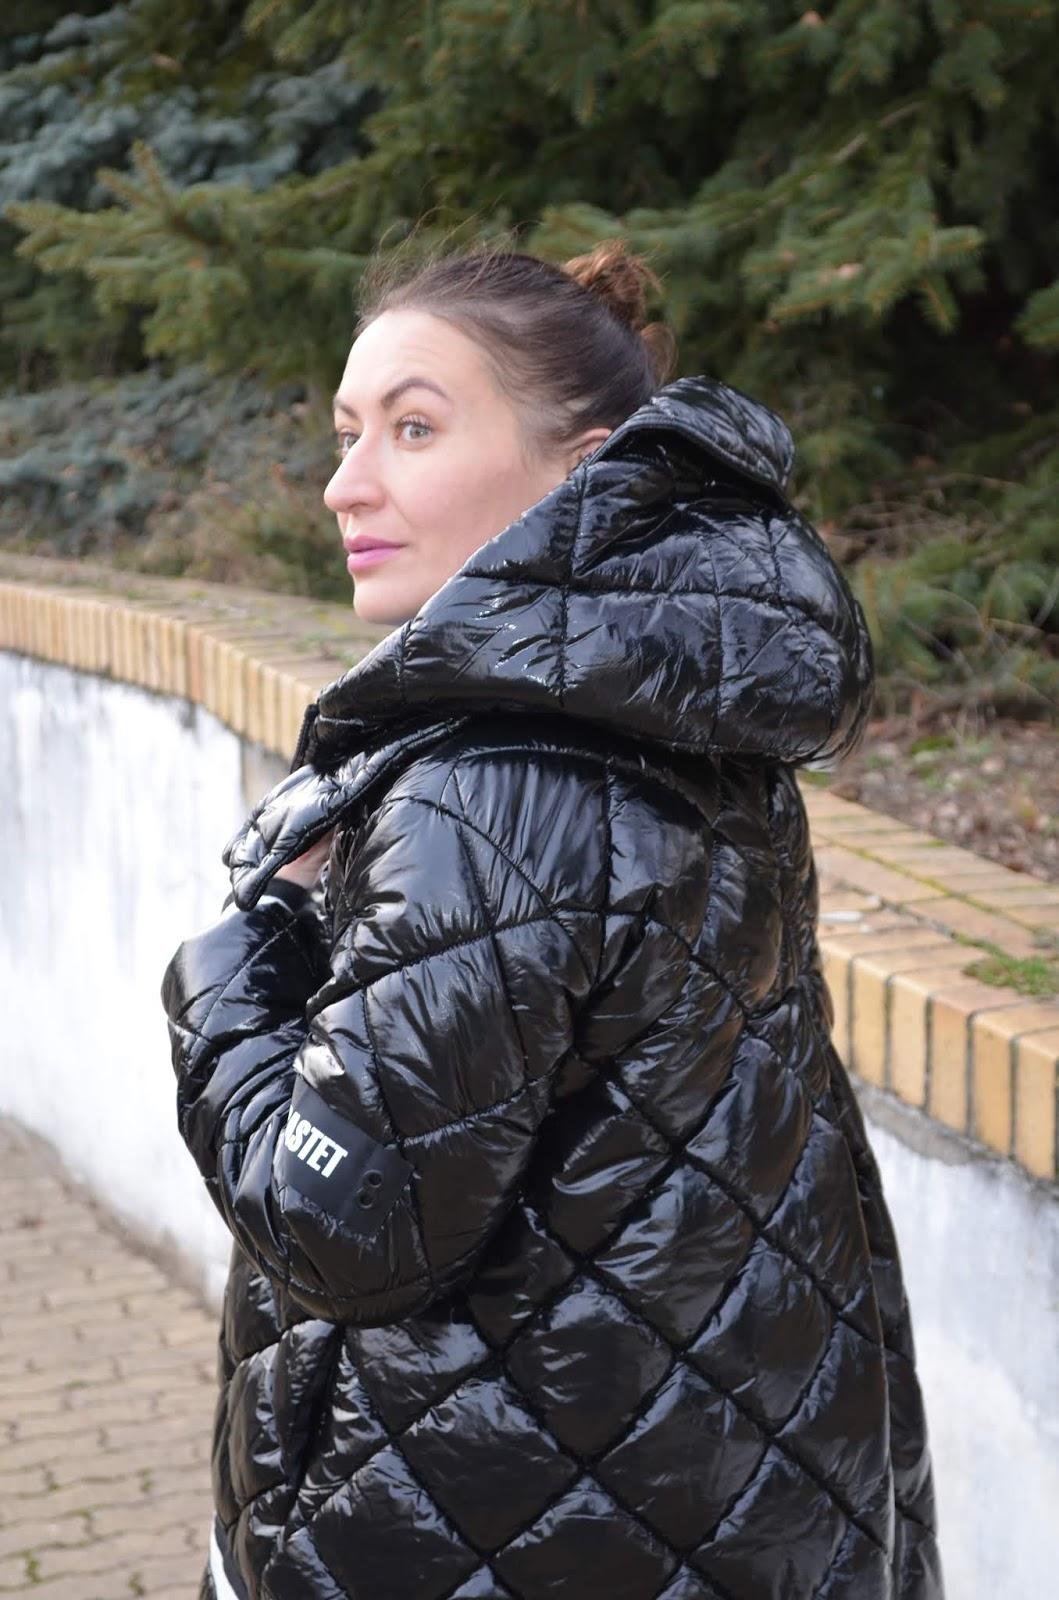 @adrianastyle_stylist, bastet, bastet vinyl coat, less waste, polish brand, polish clothes, polish production, polska odziez, Polska produkcja, www.adriana-style.com, zero waste